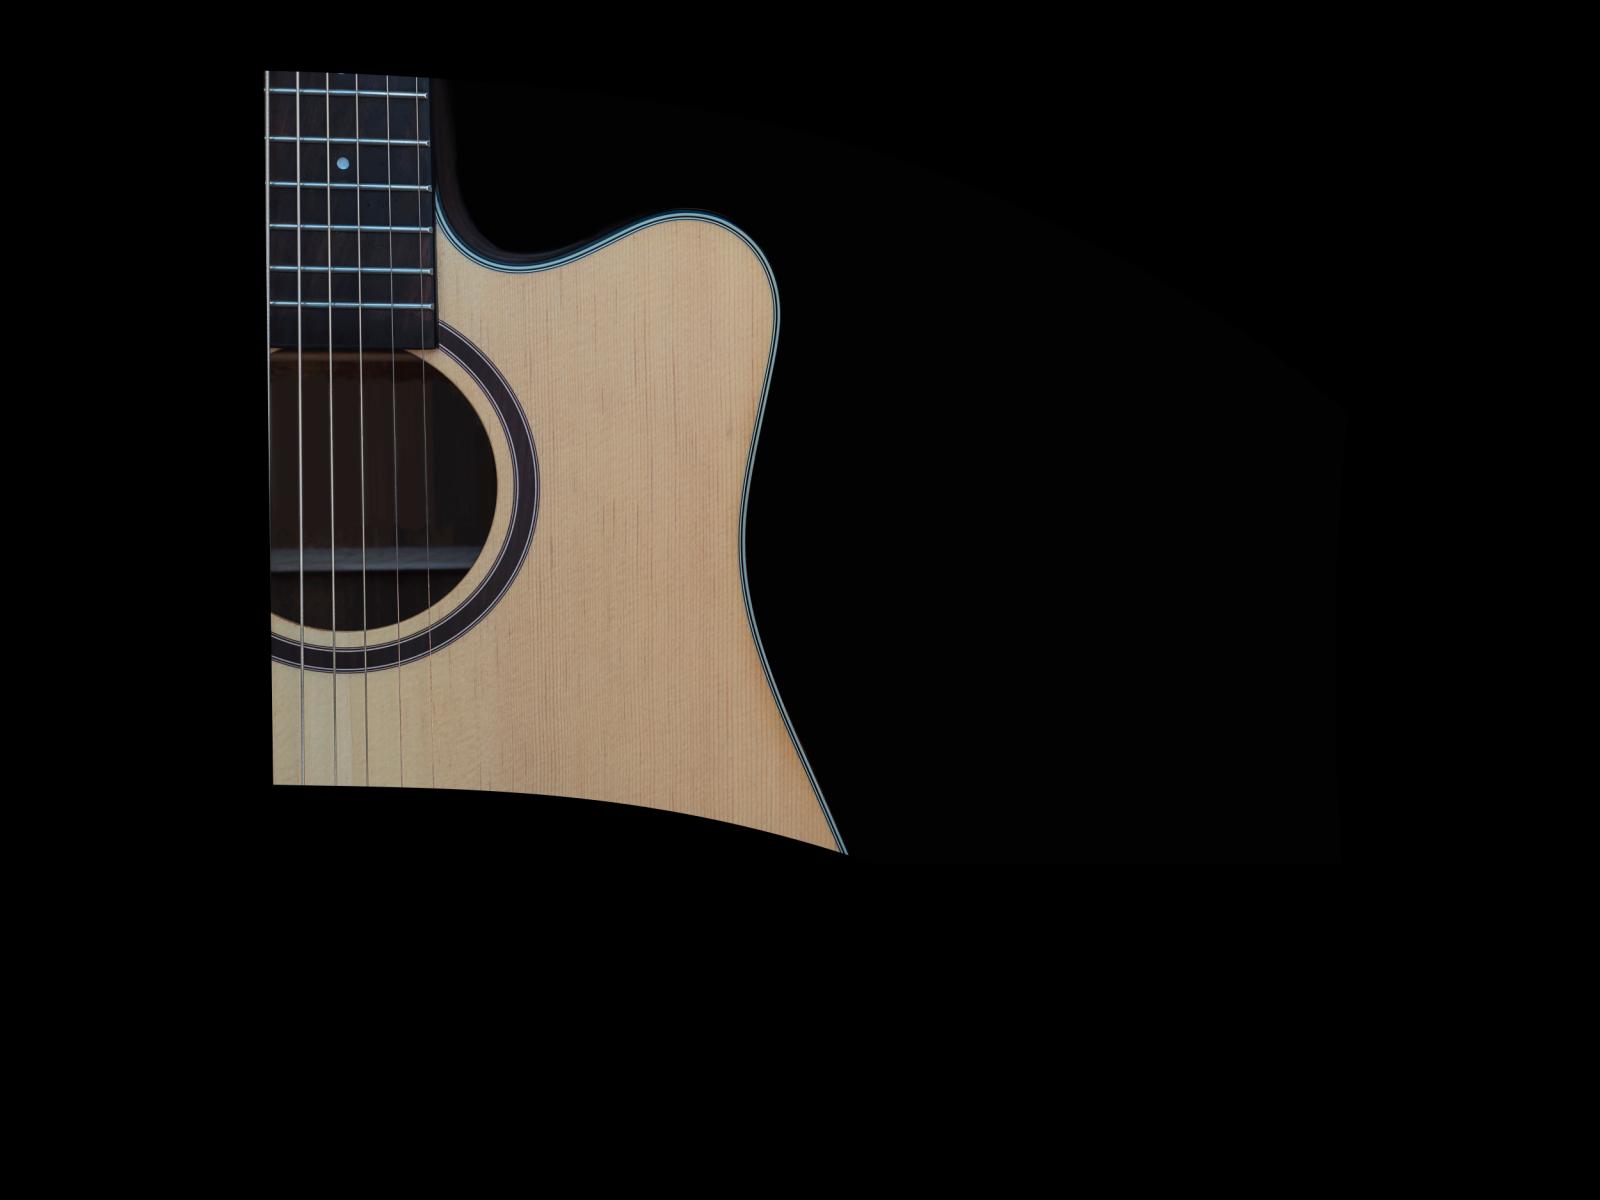 060401s - 36x52 Standard Guitar 1